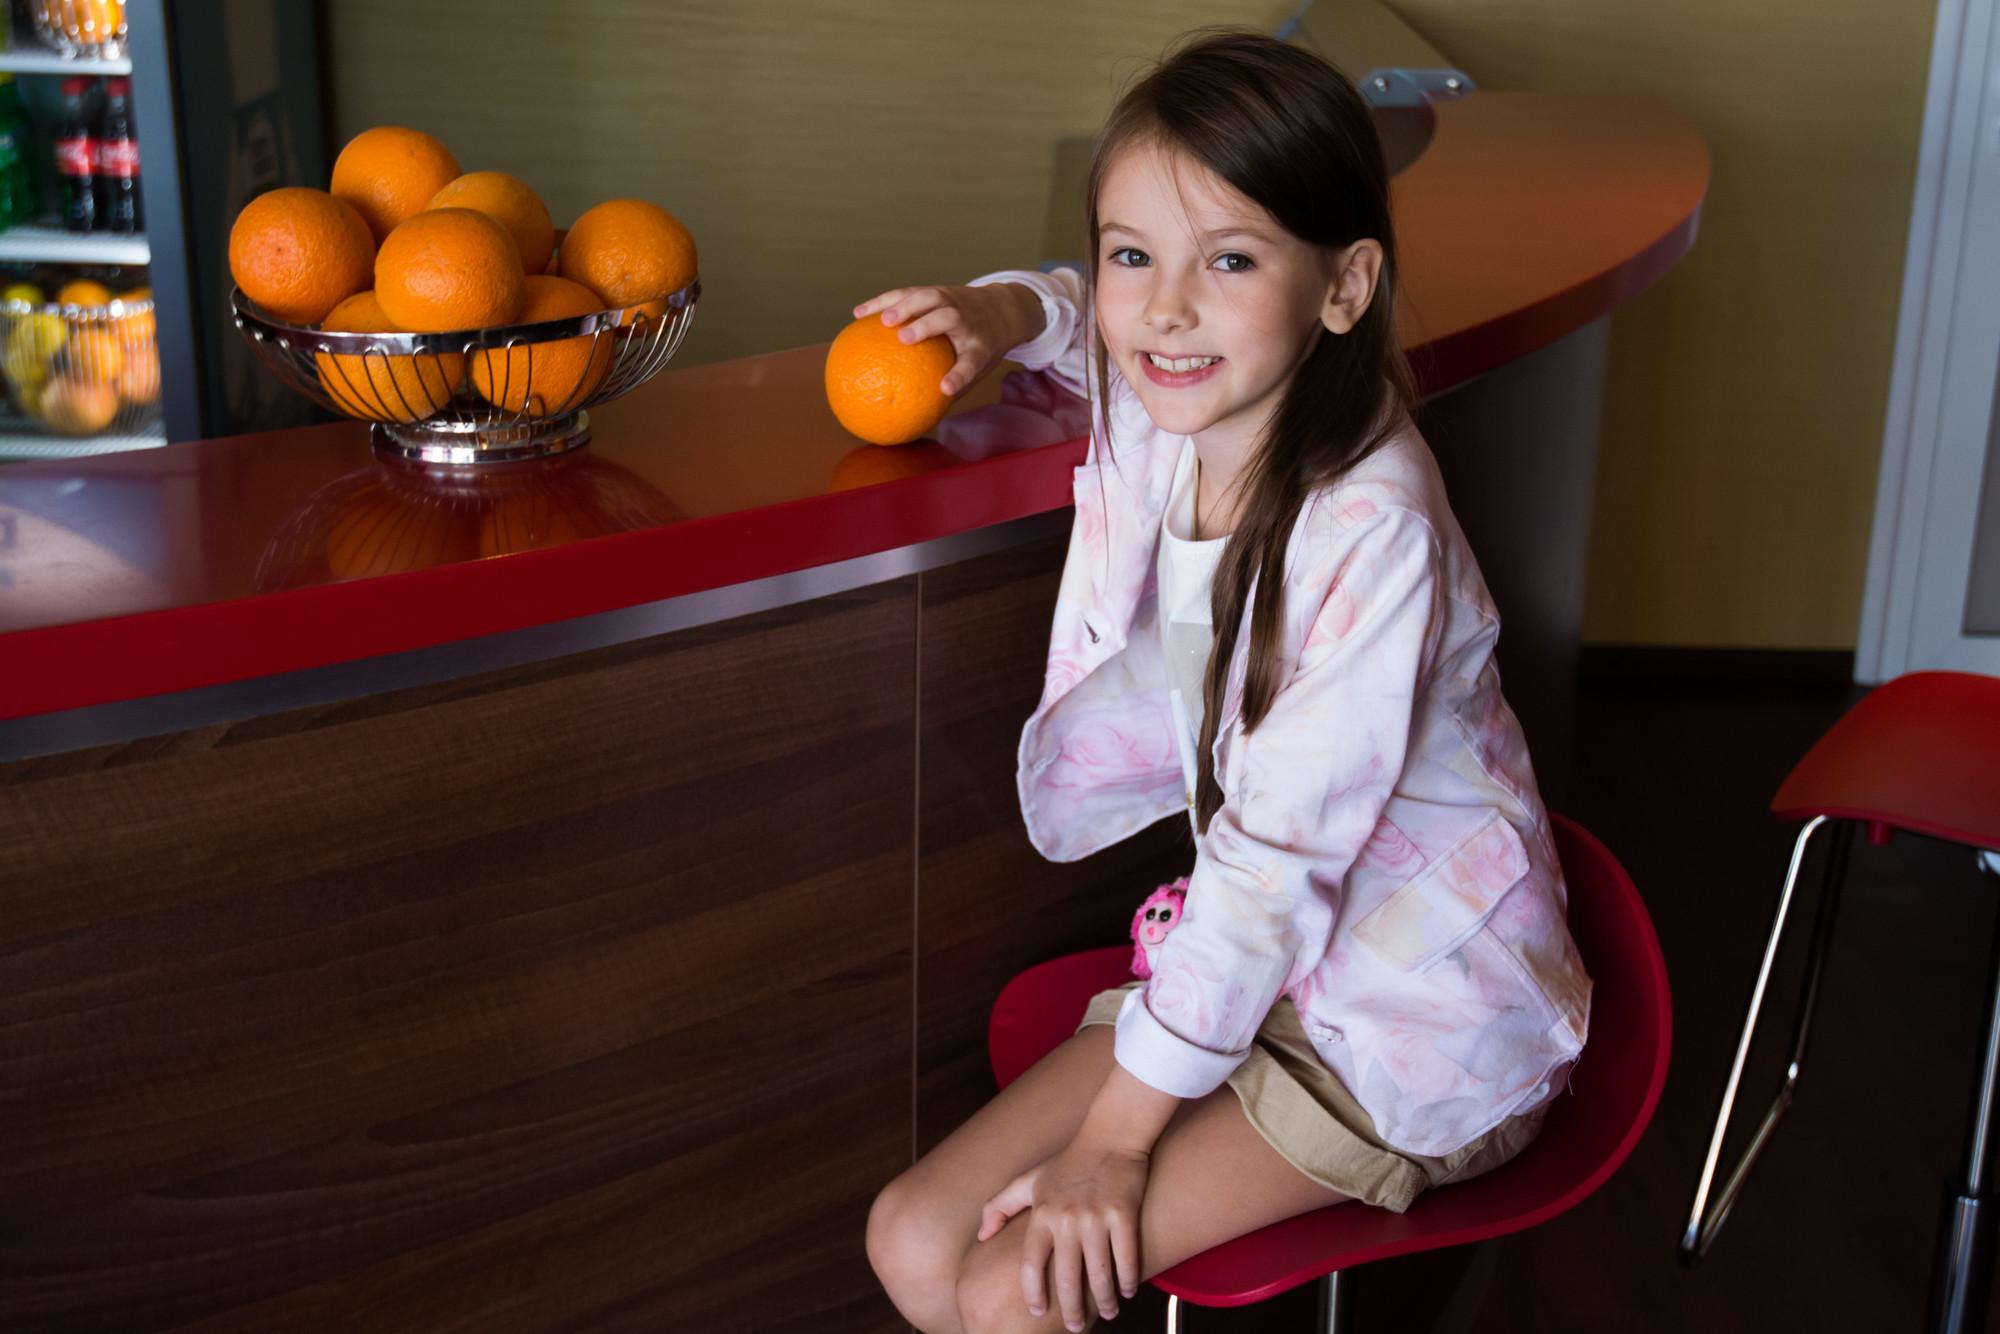 Данэлия Тулешова заняла третье место по зрительскому голосованию на Детском Евровидении-2018